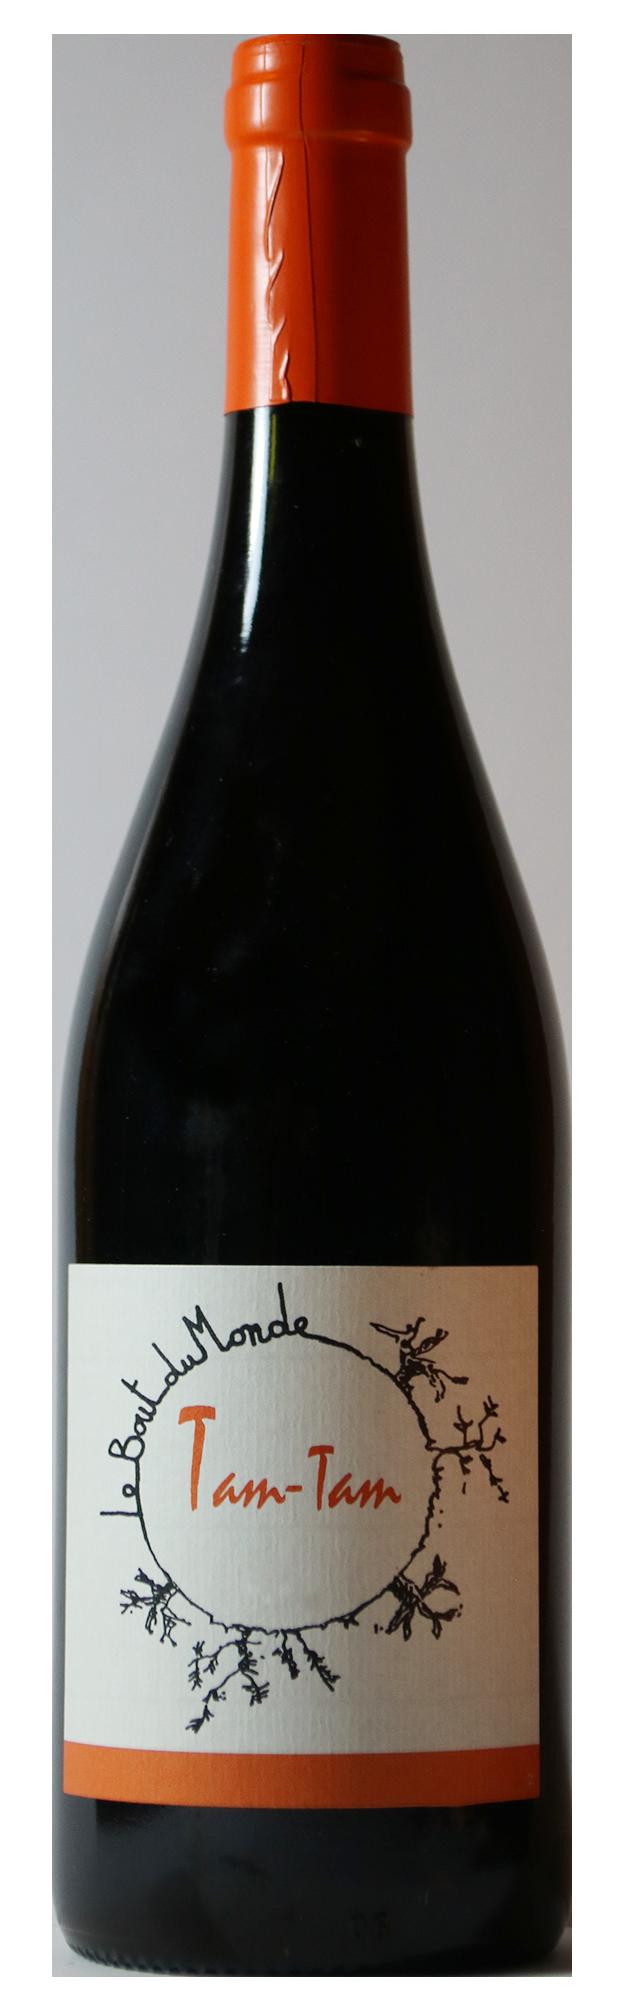 Bouteille de vin rouge naturel, cuvée Tam Tam 2019 Domaine du Bout du Monde